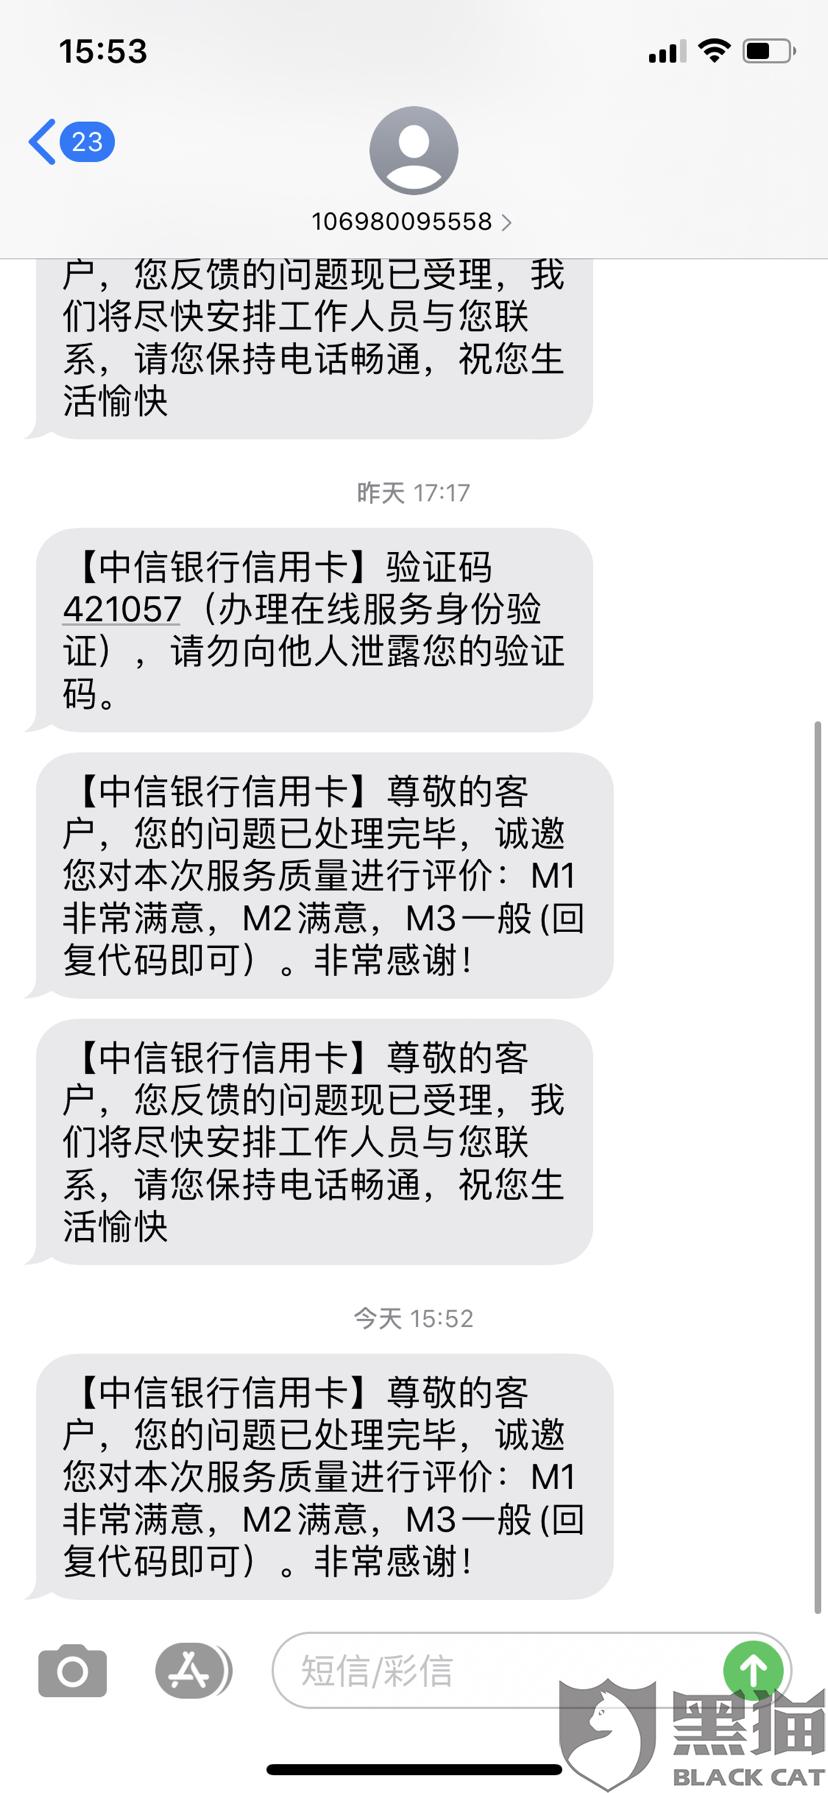 黑猫投诉:中信银行信用卡限额